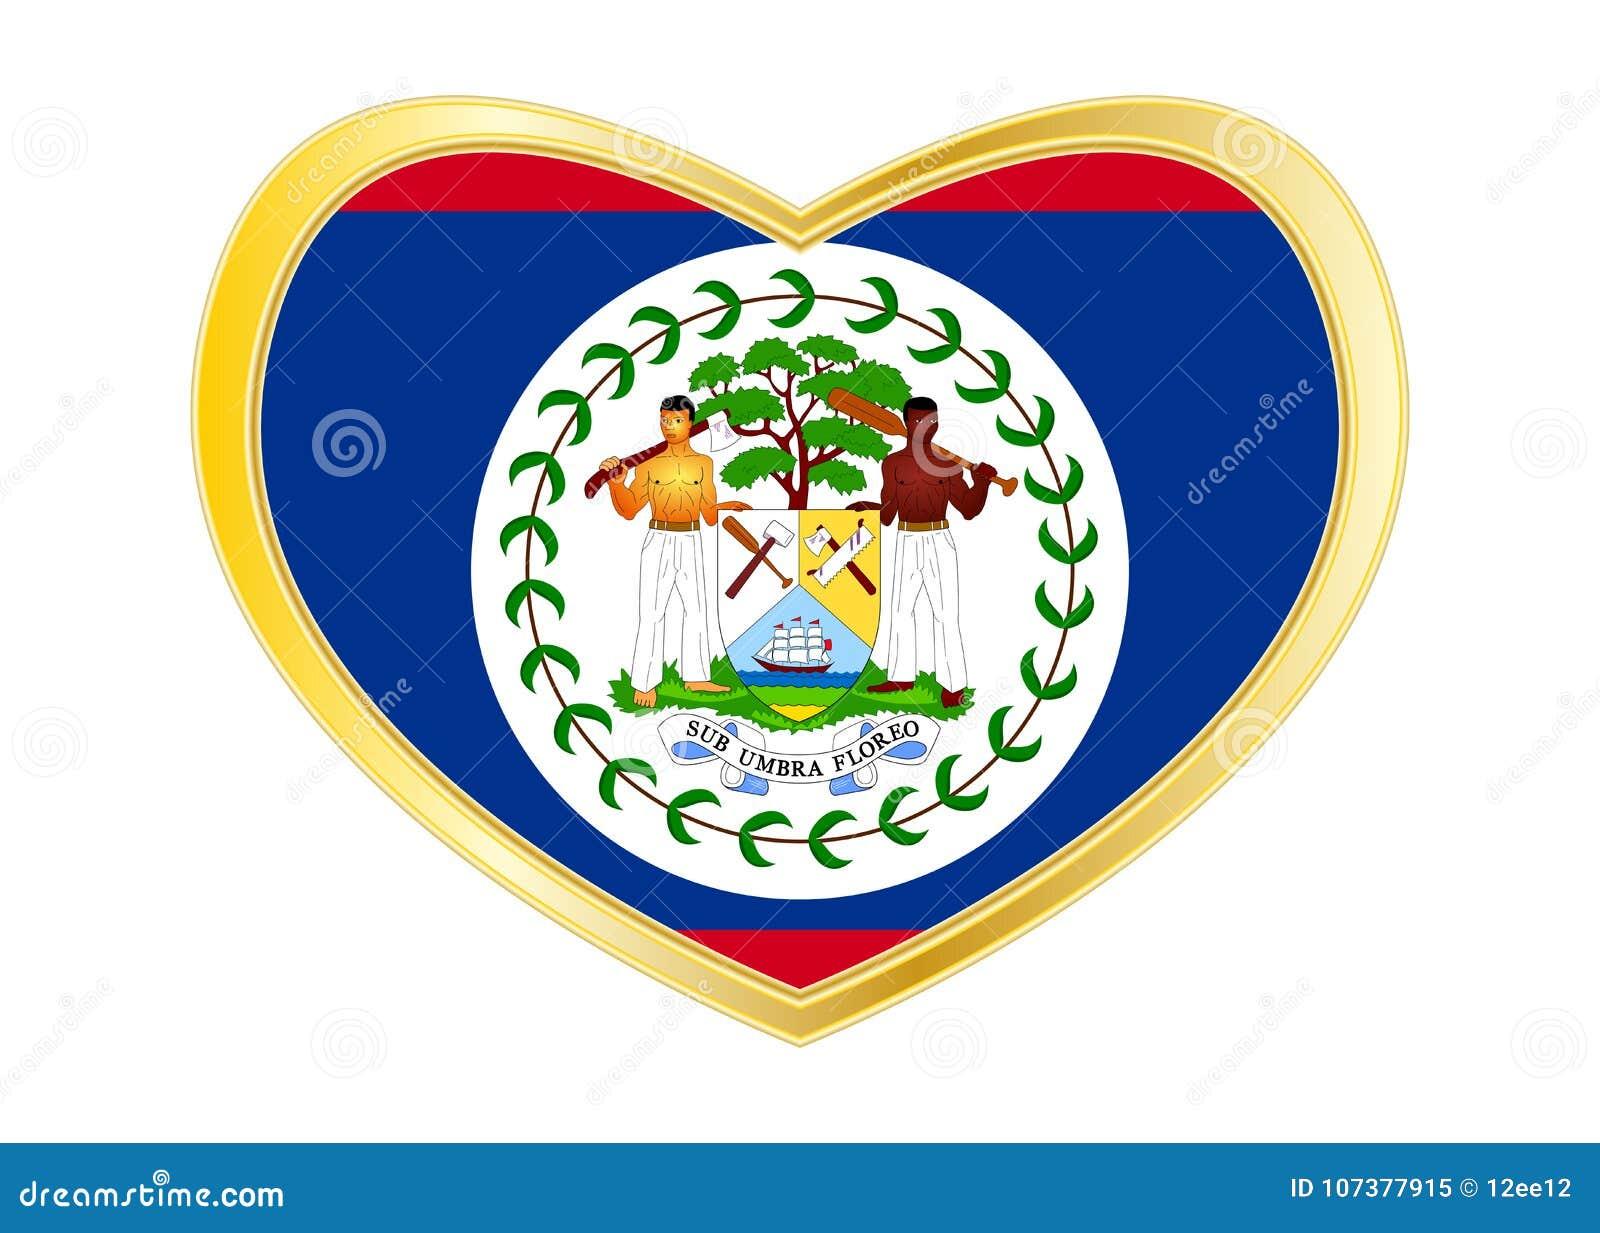 flag of belize in heart shape golden frame stock vector